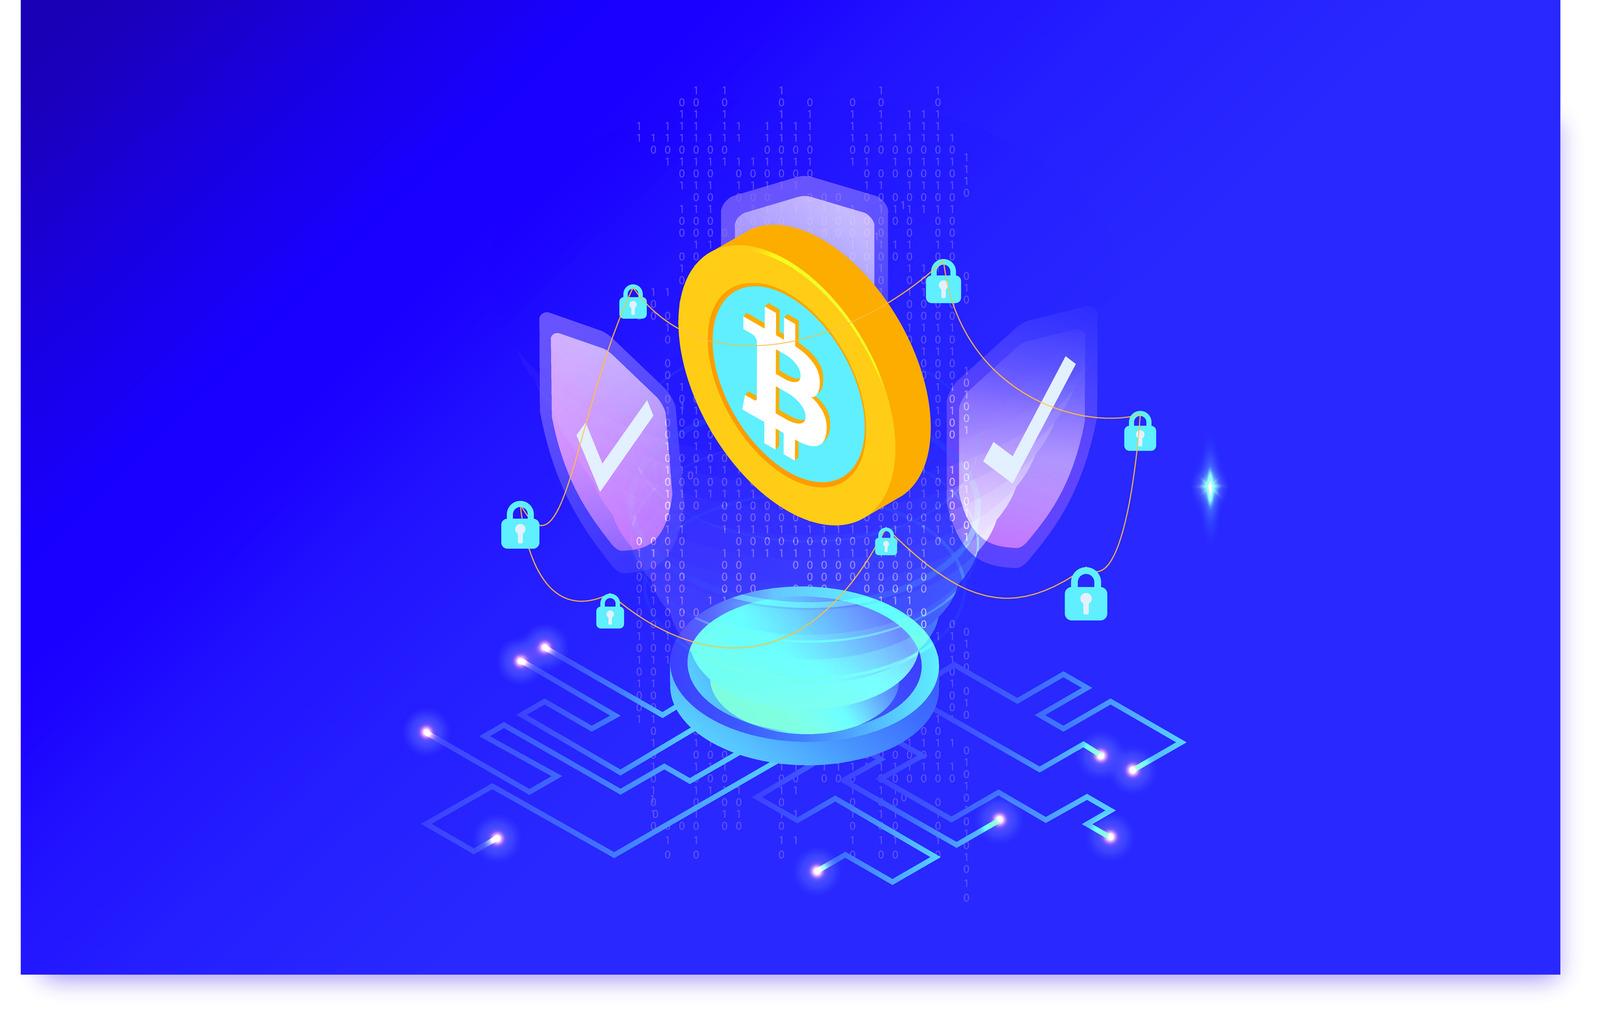 Bitcoin technology